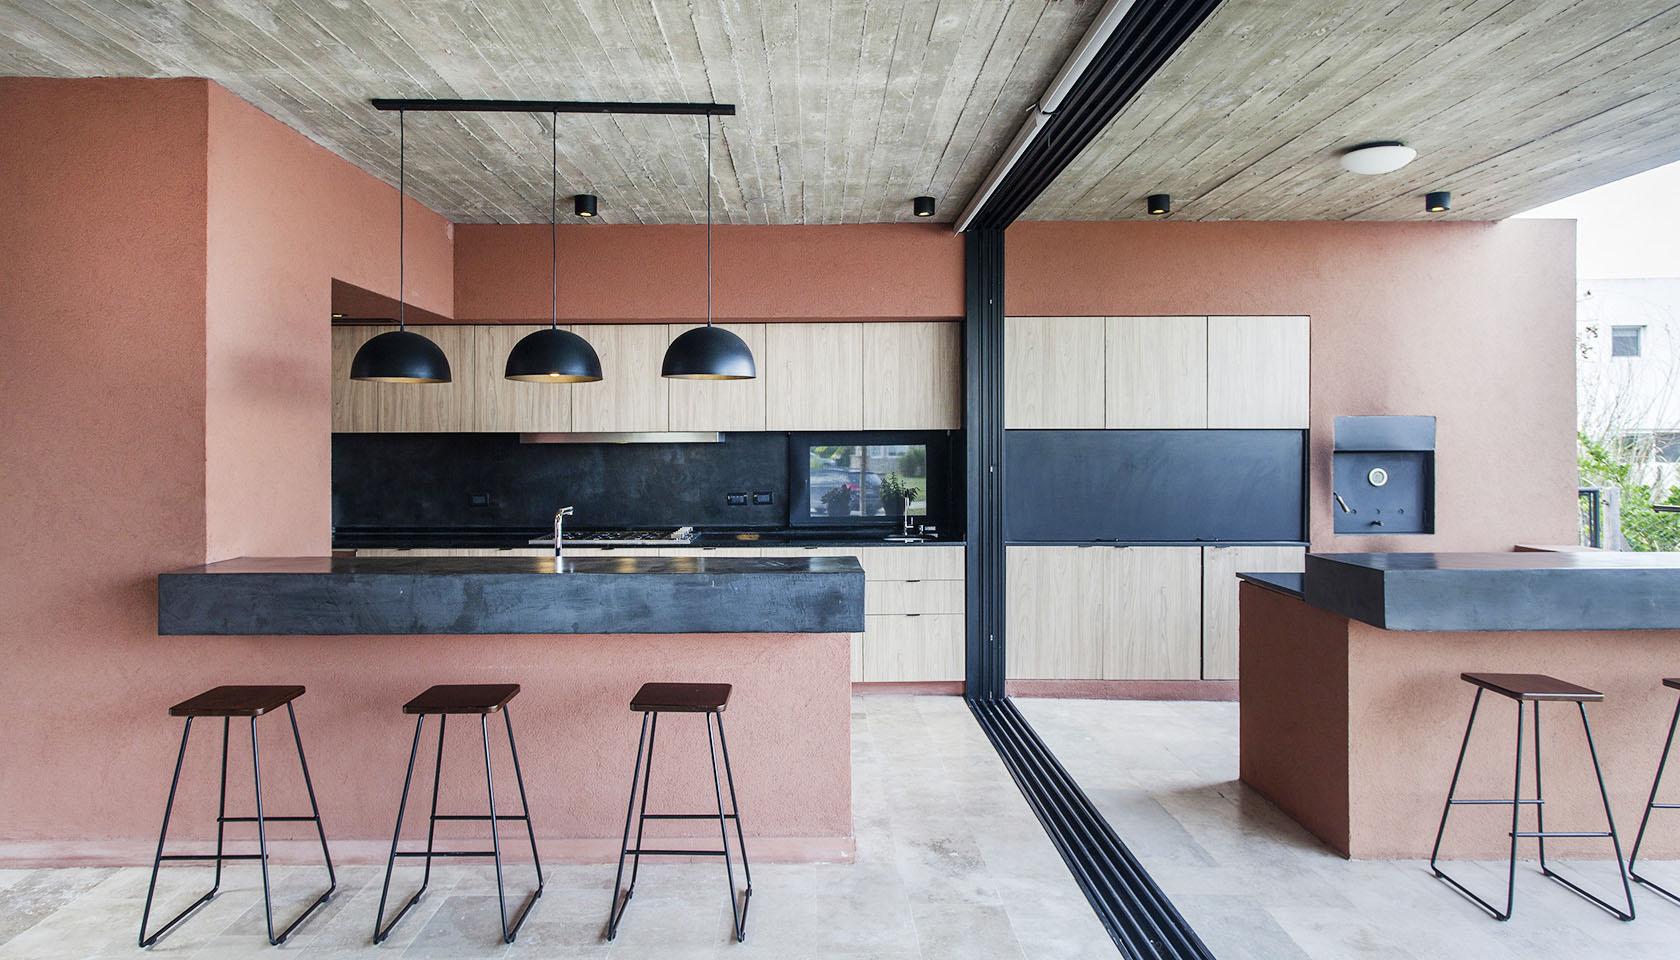 cielorraso de hormigón a la vista, hormigón de tablas a la vista, cocina y parrilla integrada en viviendas